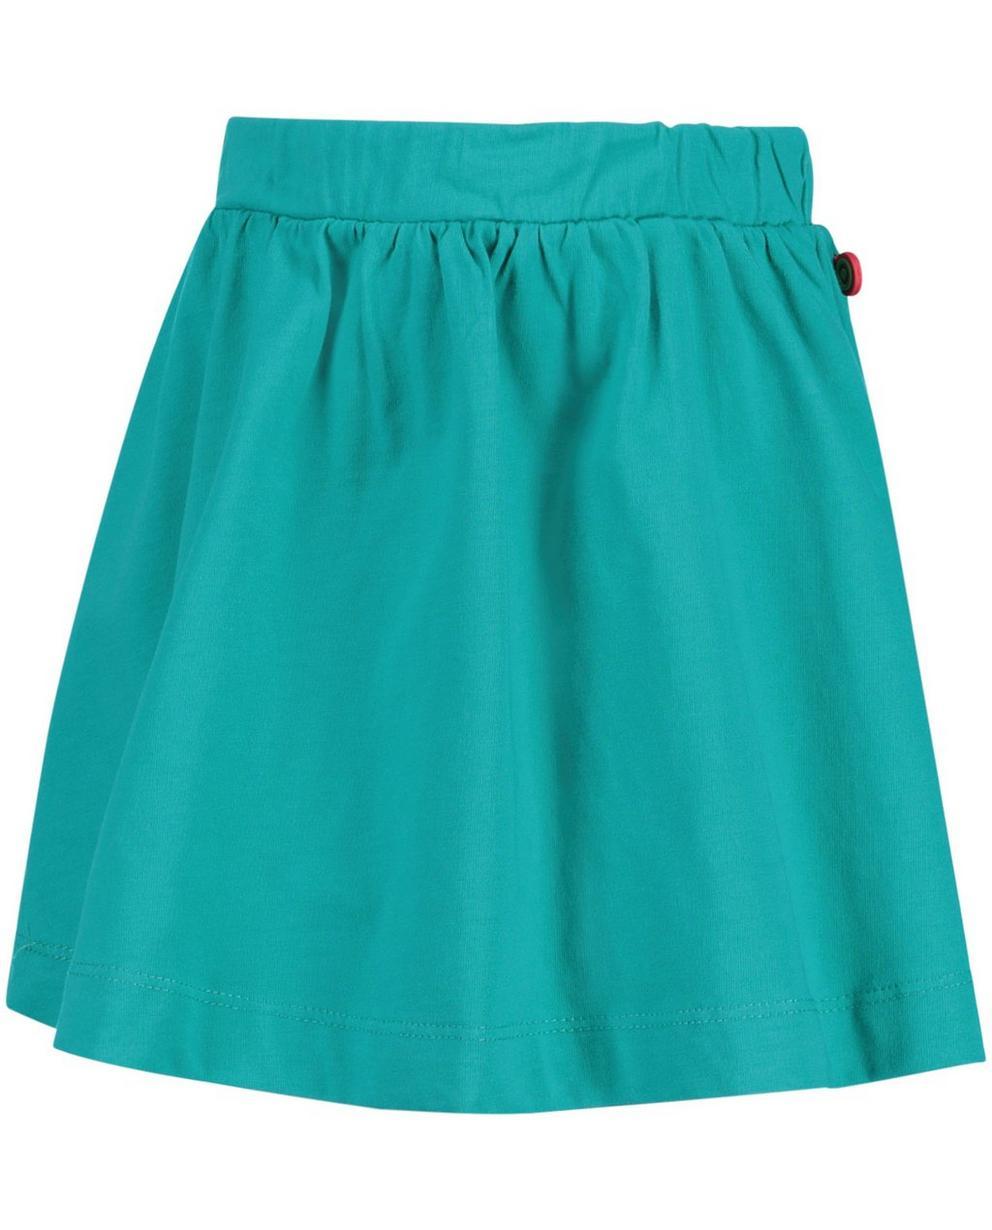 Jupe turquoise - ZulupaPUWA - Unisexe - ZulupaPUWA